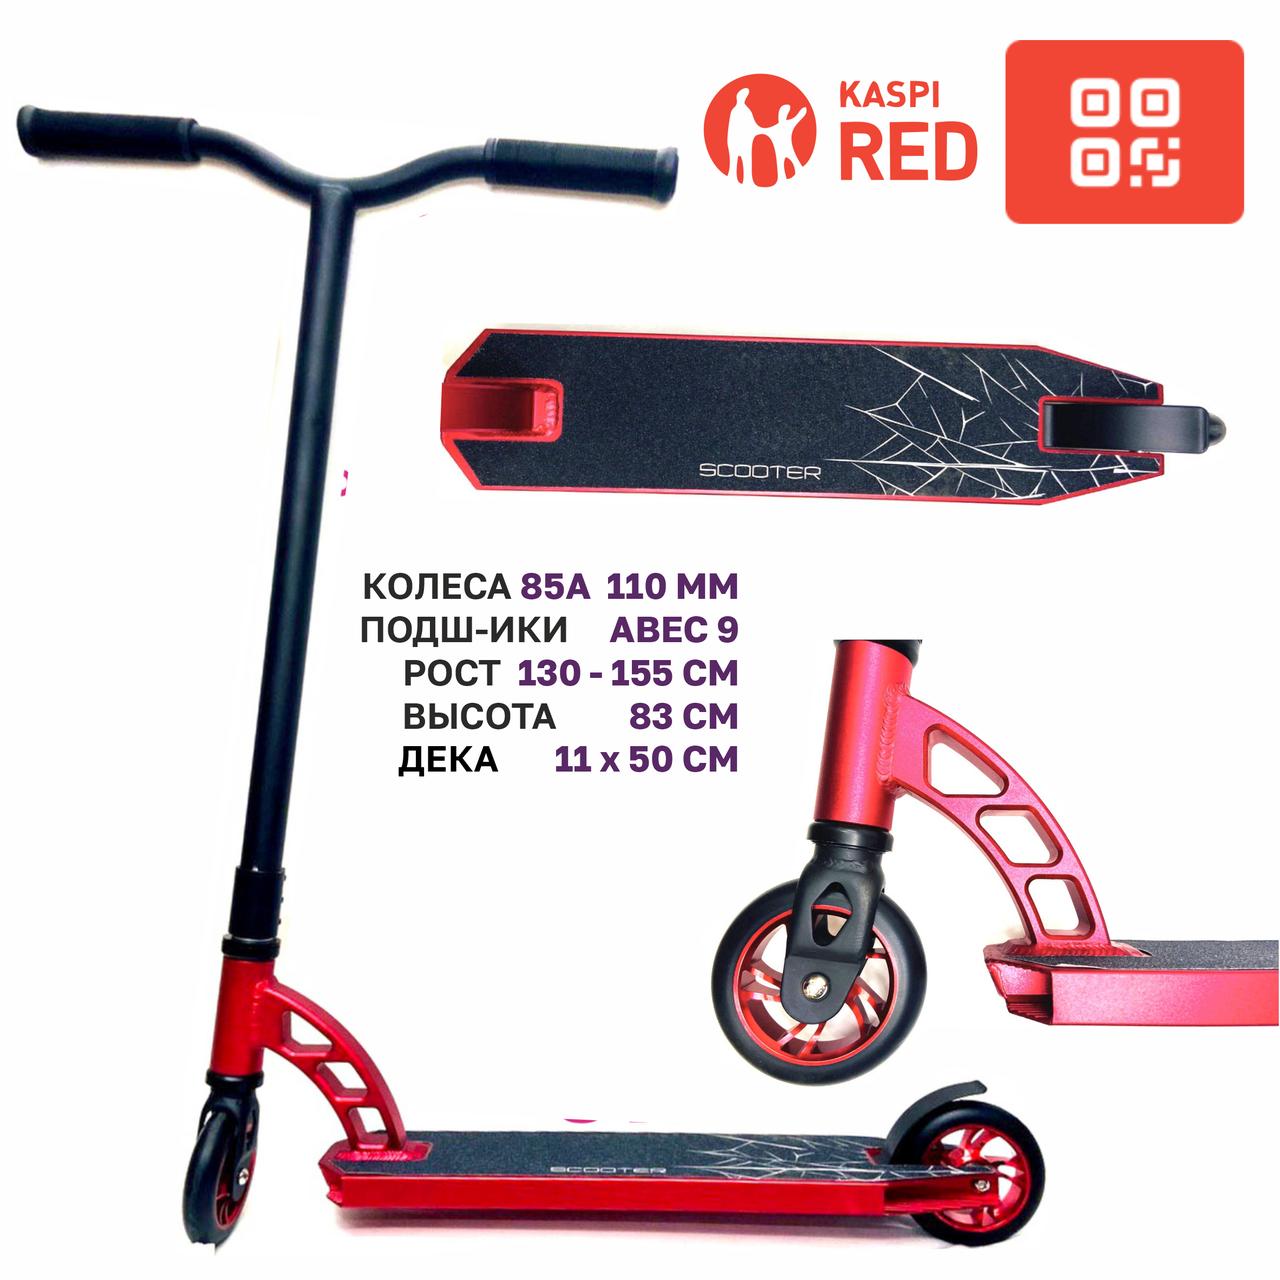 🛴 Трюковой самокат профессиональный Kick Scooter с усиленным хомутом и рулем 85 см, колесо 100мм - Красный